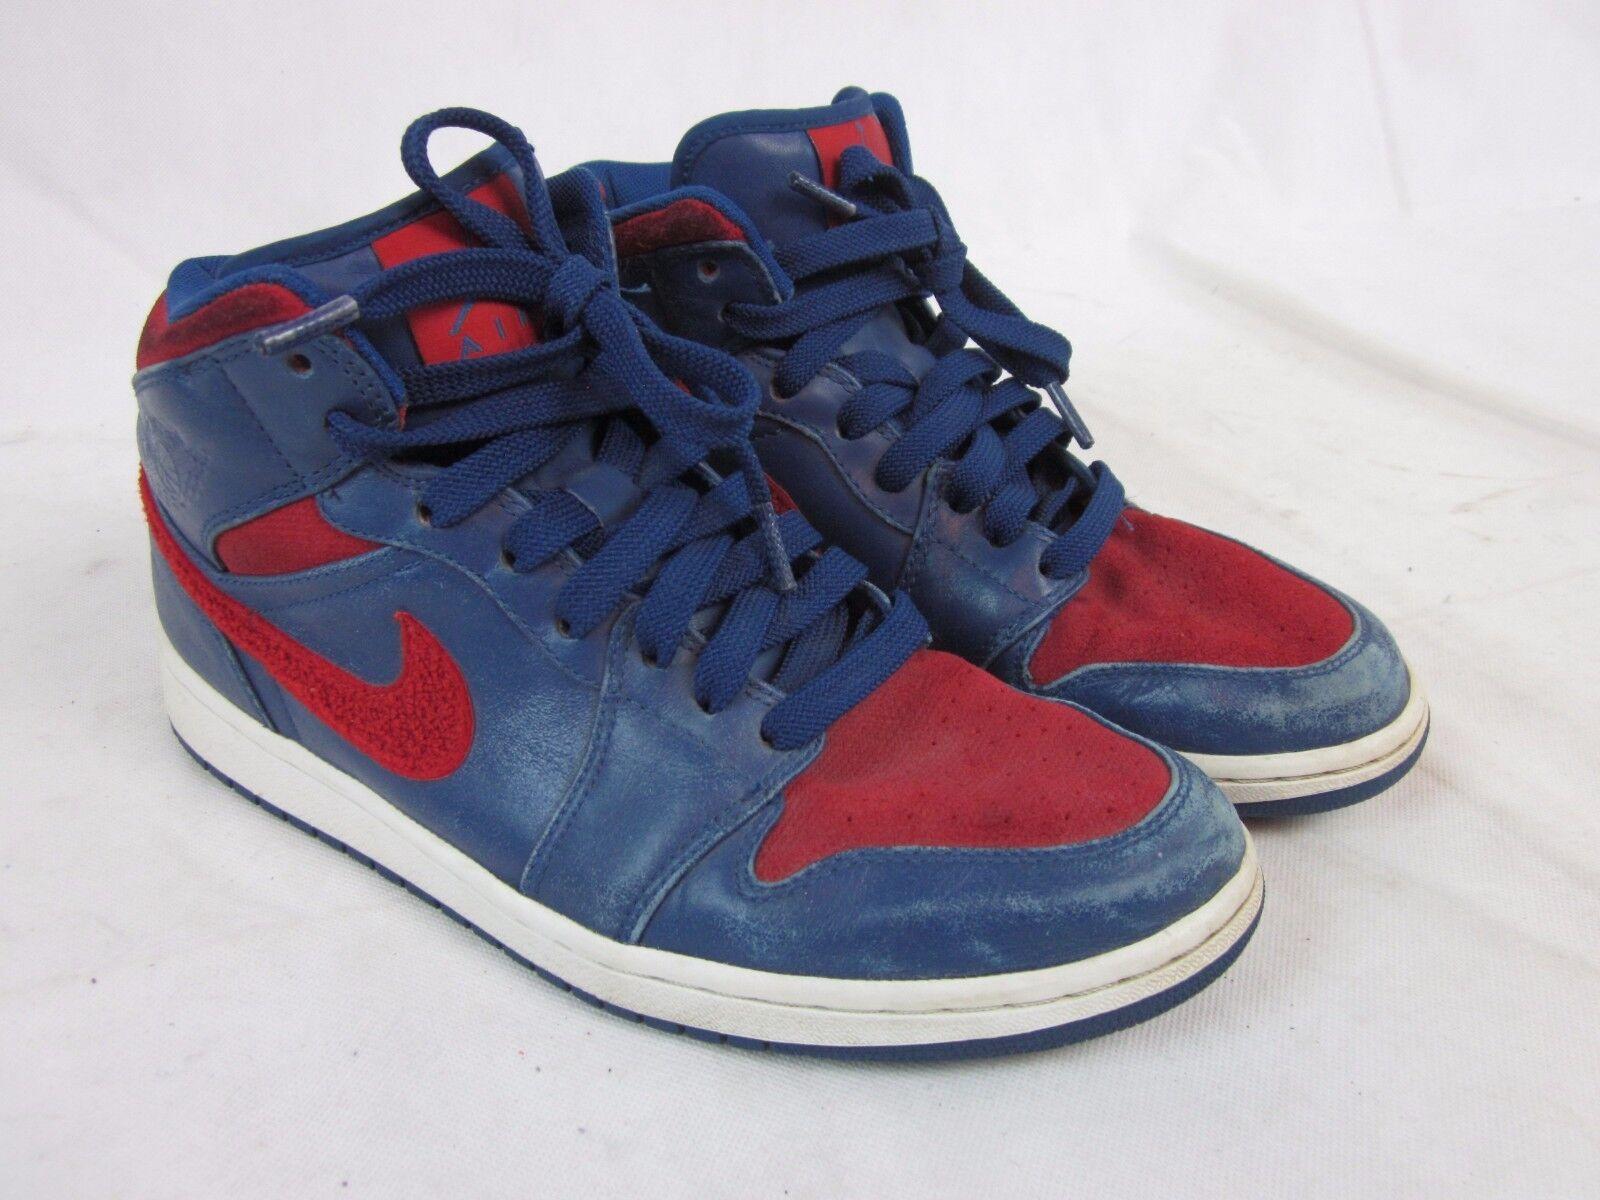 Nike air - jordan ich 1 retro - air cool premier blau / rot - detroit pistons 375173-461 sz 10 ec929f